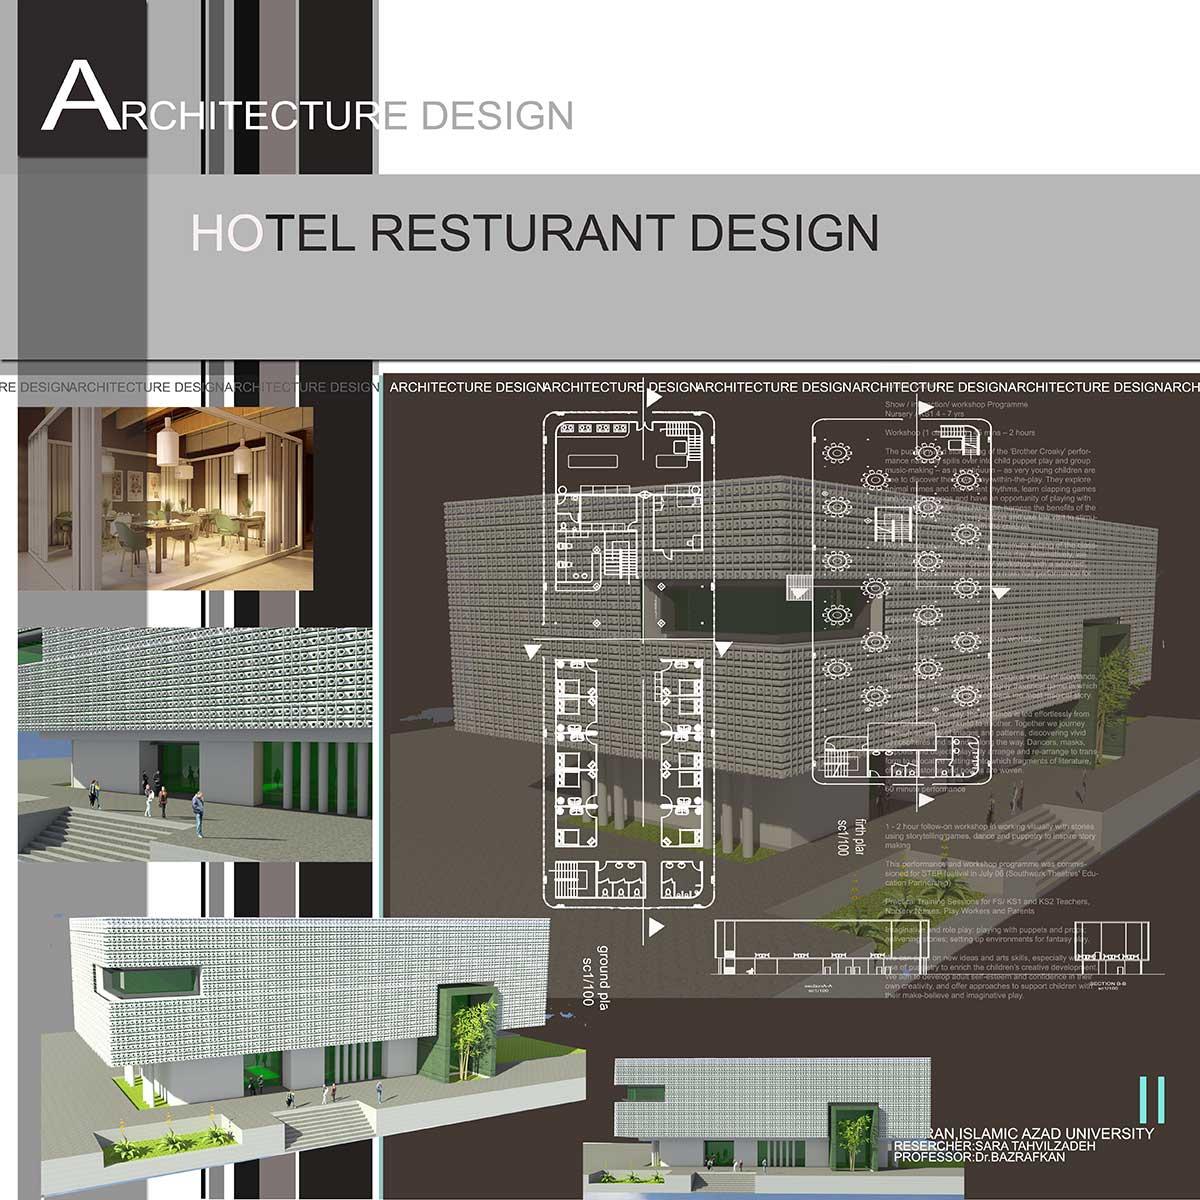 دانلود پروژه معماری هتل رستوران (۱)